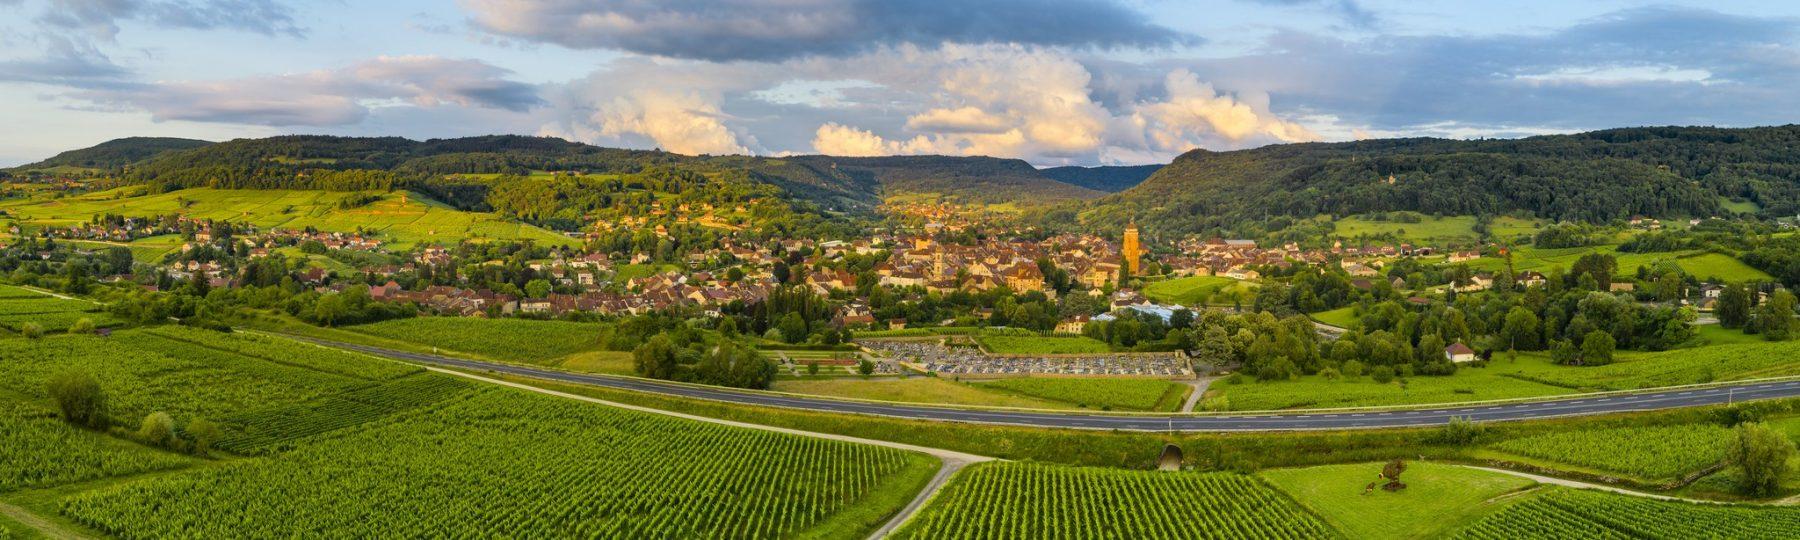 Vue sur le vignoble d'Arbois © Stéphane Godin / Jura Tourisme